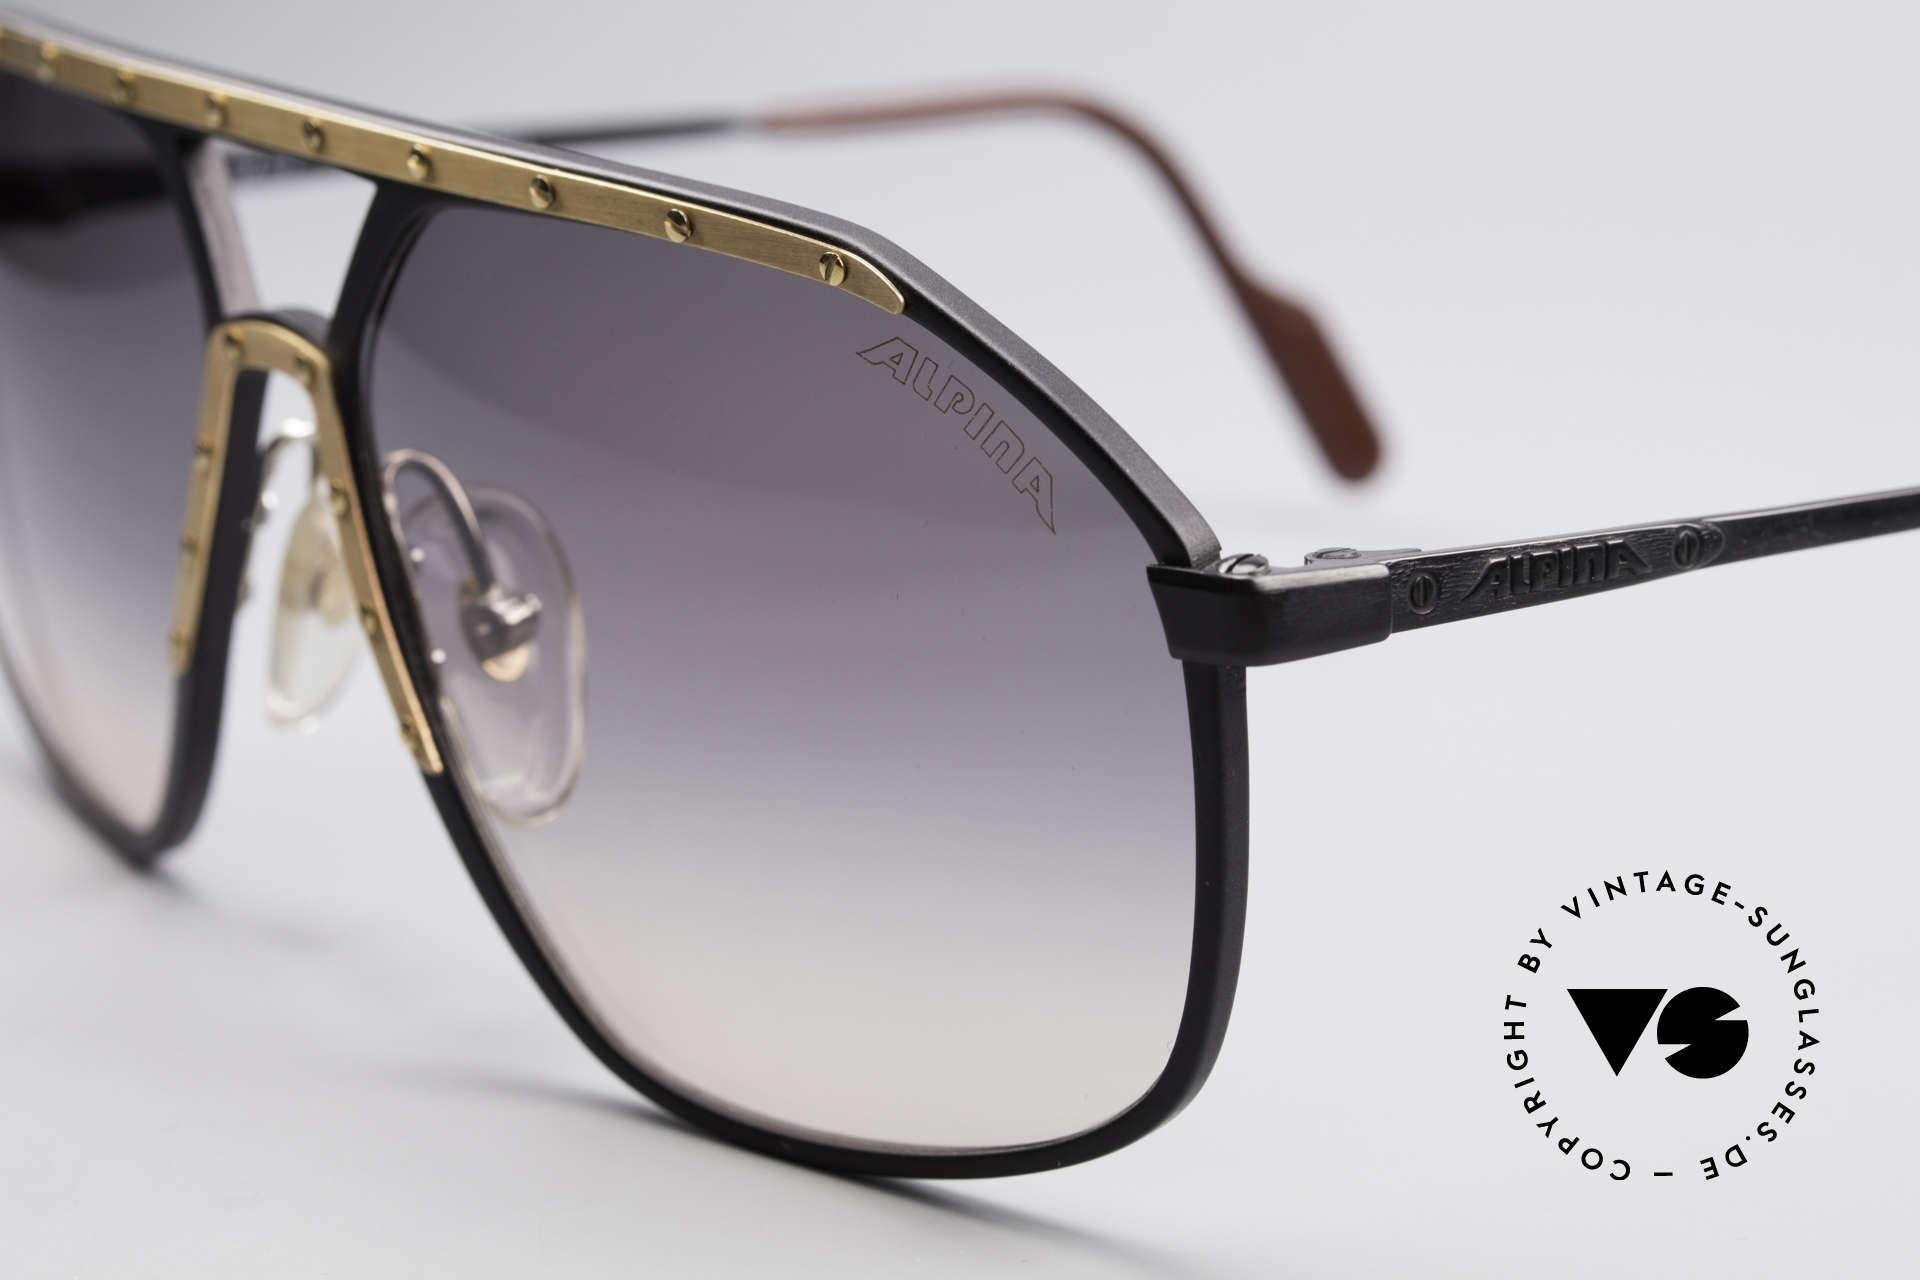 Alpina M1/7 Echte Vintage Sonnenbrille, ein Hybrid aus den Klassikern Alpina M1 & Alpina M6, Passend für Herren